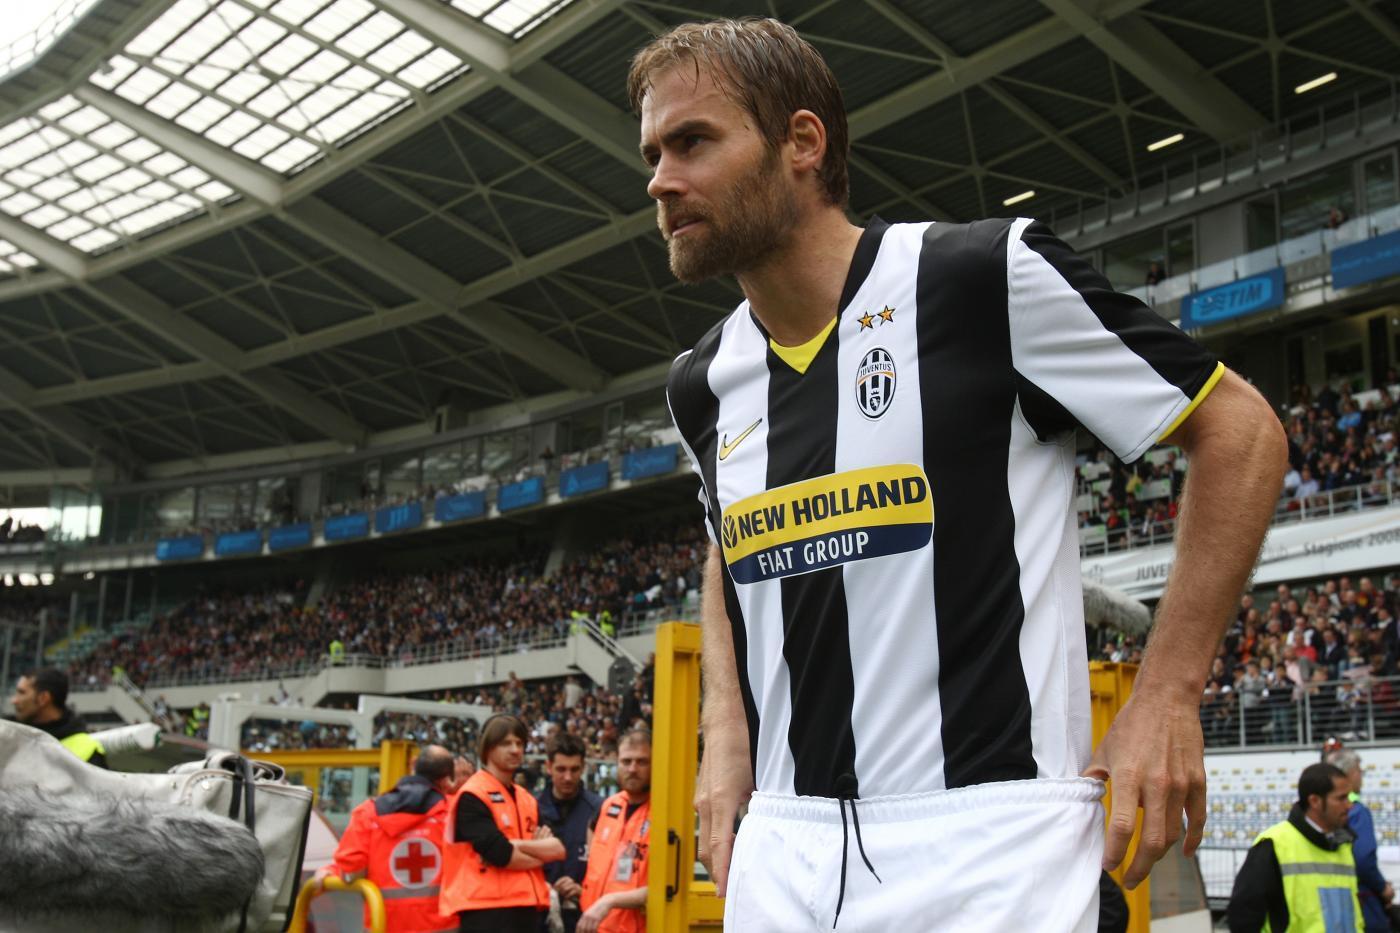 Olof Mellberg, arrivato alla Juve nel 2008 e ceduto all'Olympiacos nel 2009 in cambio di 2,5 milioni di euro.